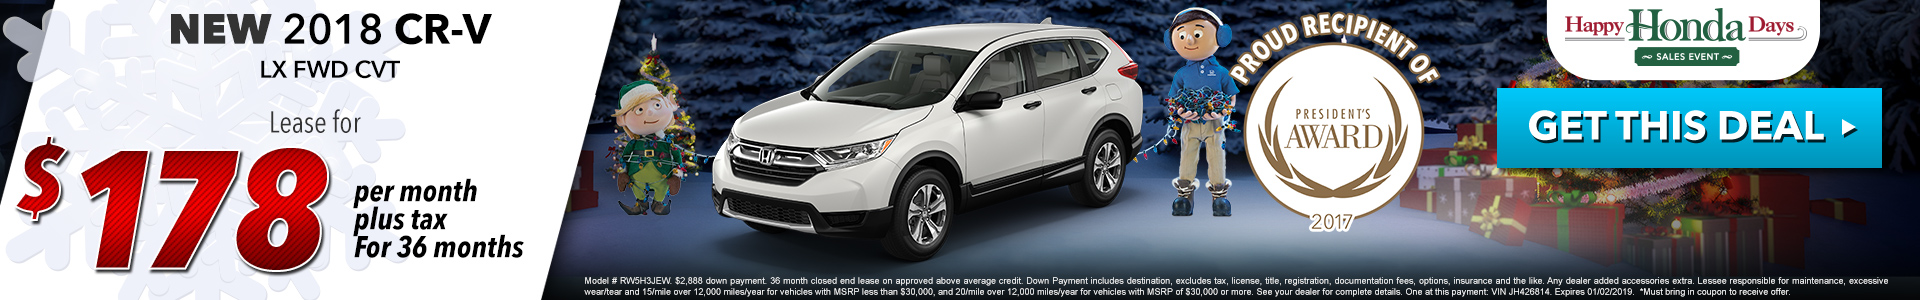 Honda CR-V $178 Lease